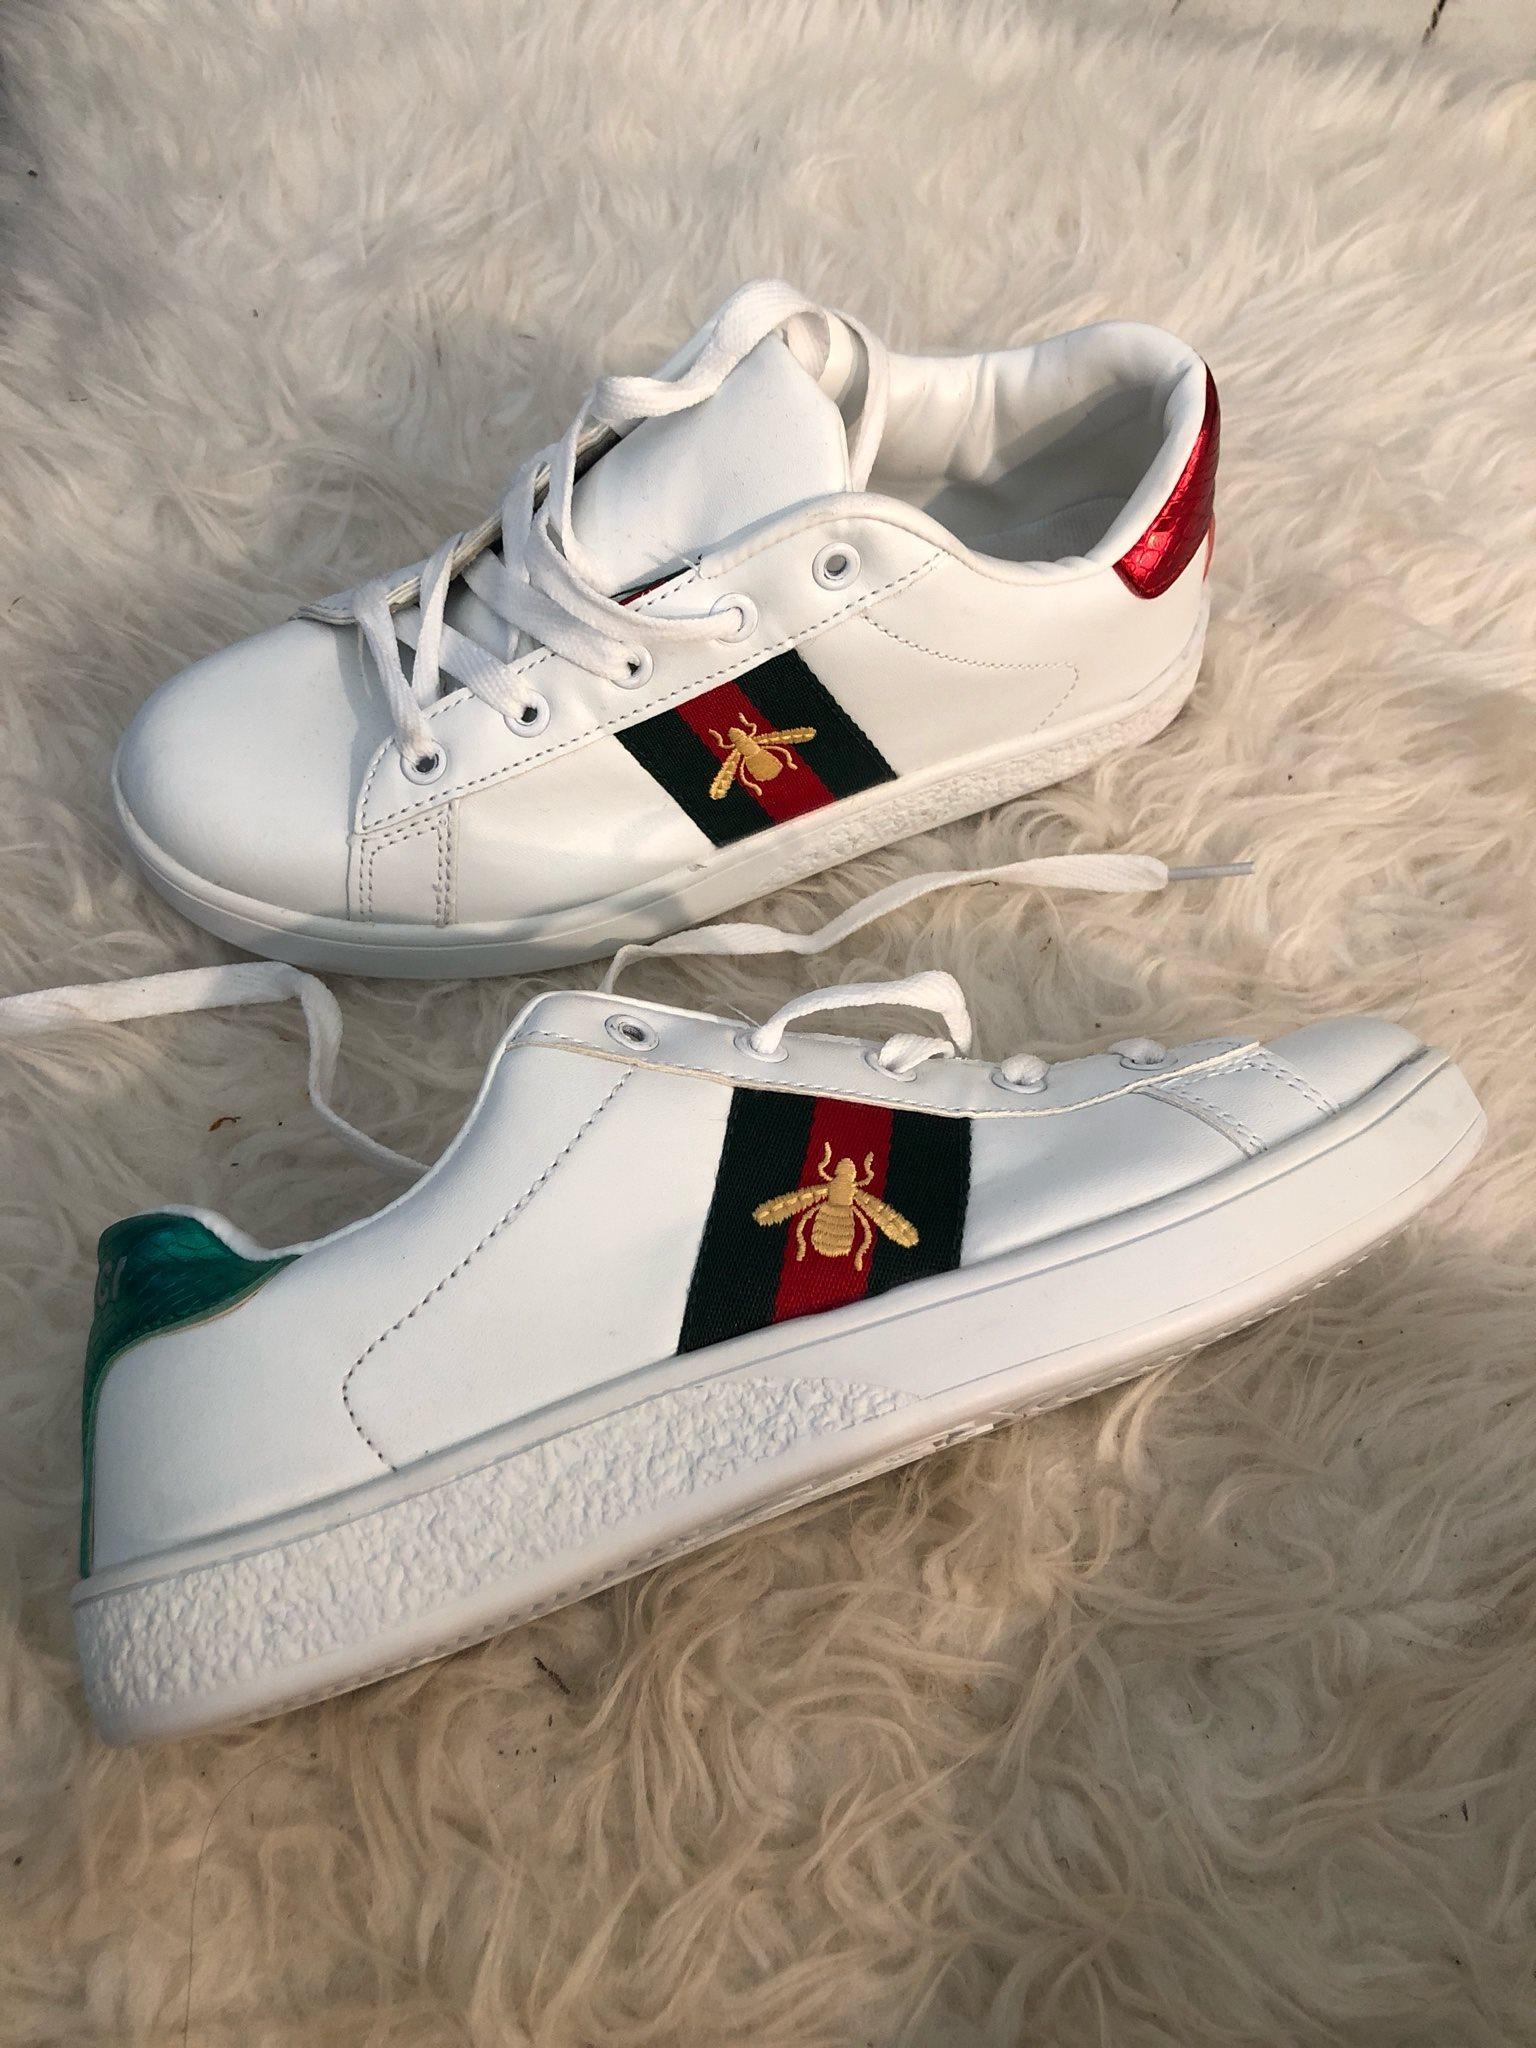 11666ea61e3 Sneakers vita helt nya oanvända strl 38 (328016617) ᐈ Köp på Tradera